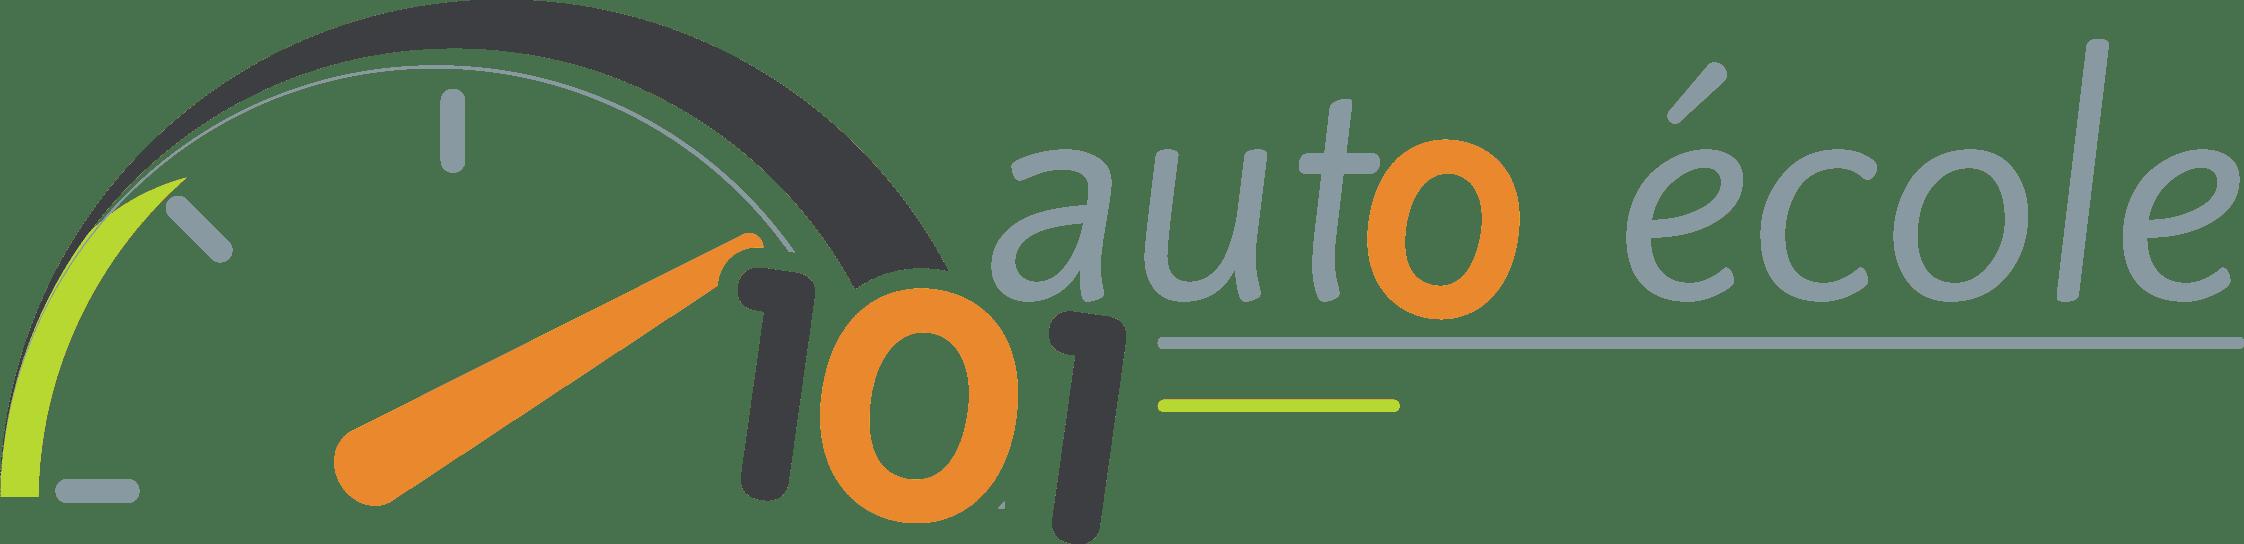 Auto-école 101